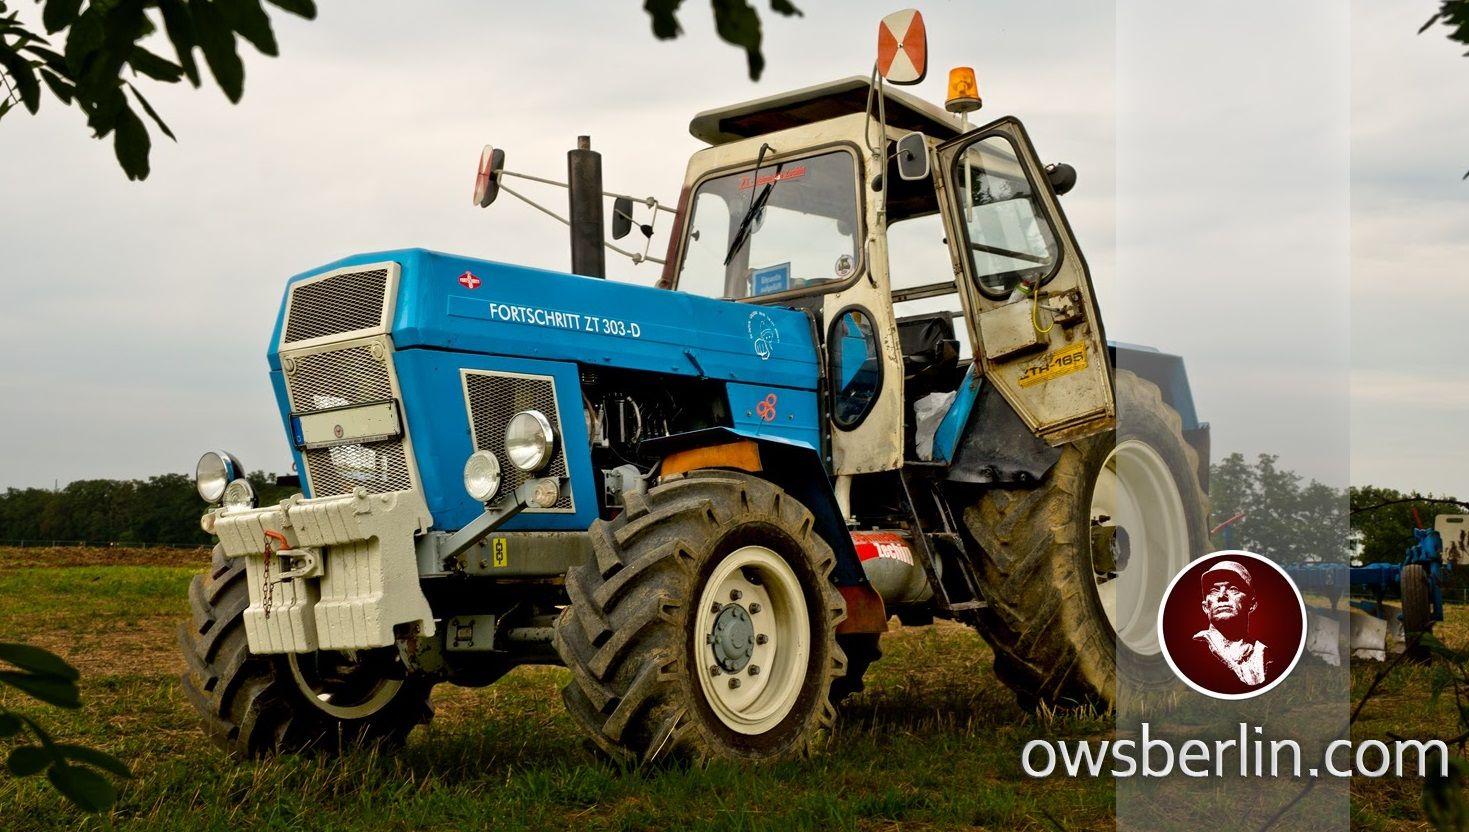 fortschritt zt 303 d friedersdorf tractors tractors. Black Bedroom Furniture Sets. Home Design Ideas